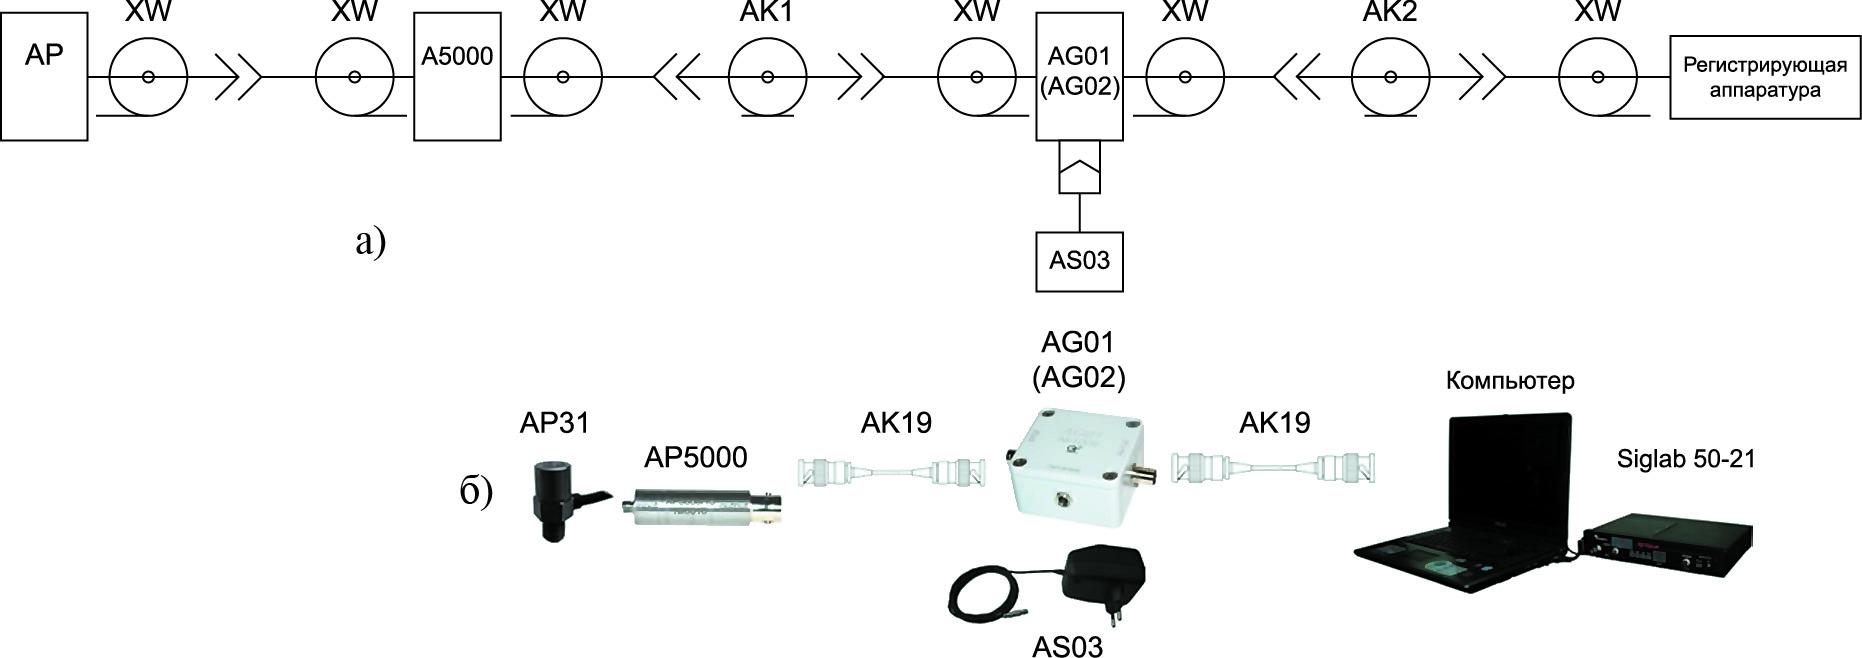 Пример схемы подключения и ее реализация для вибропреобразователя с зарядовым выходом и неразъемной заделкой соединительного кабеля с усилителем заряда АР5000